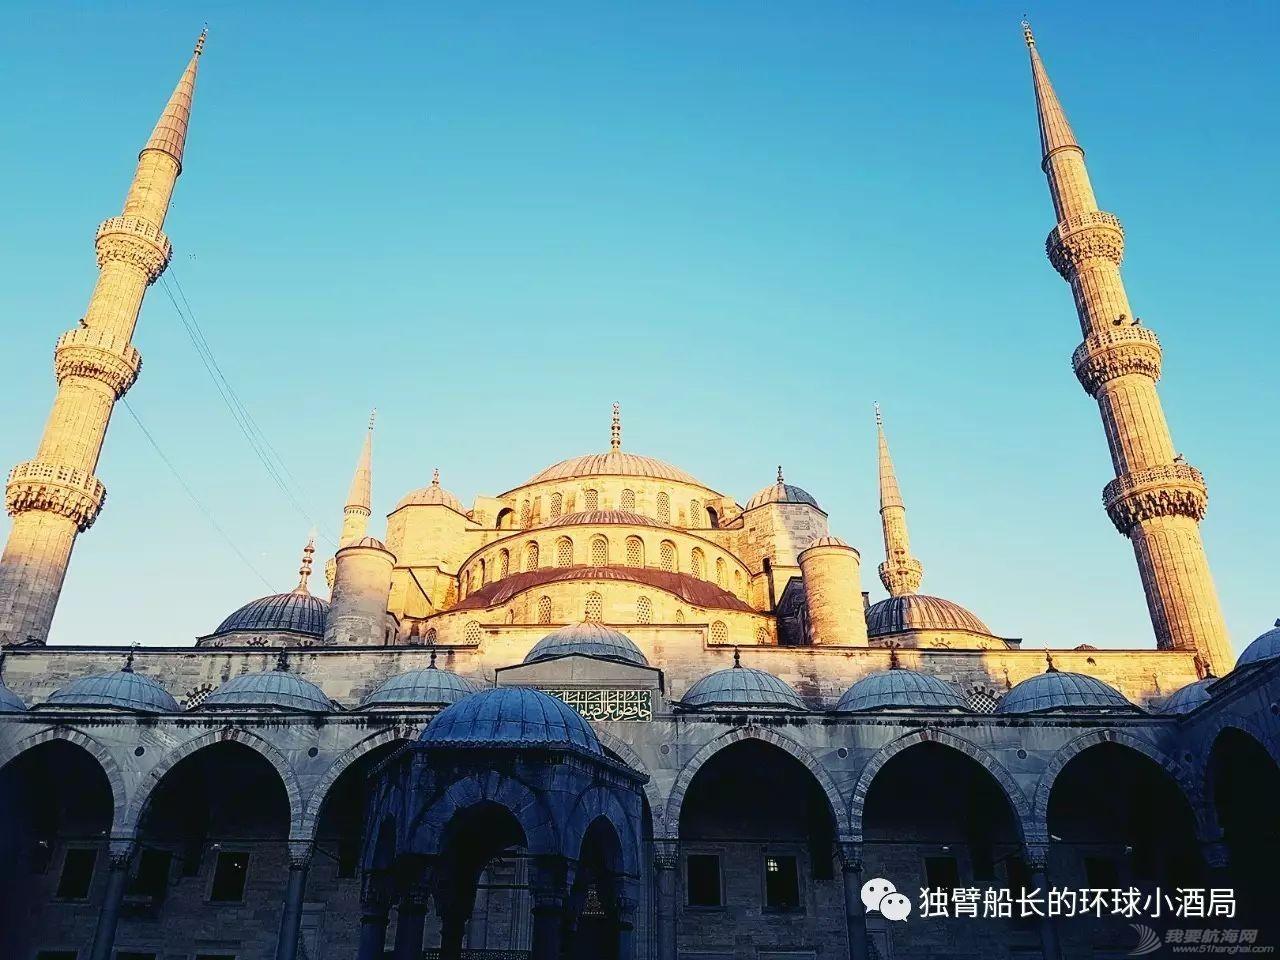 一人一城 【土耳其】我有一个三千年的天要跟你聊聊(上)w11.jpg